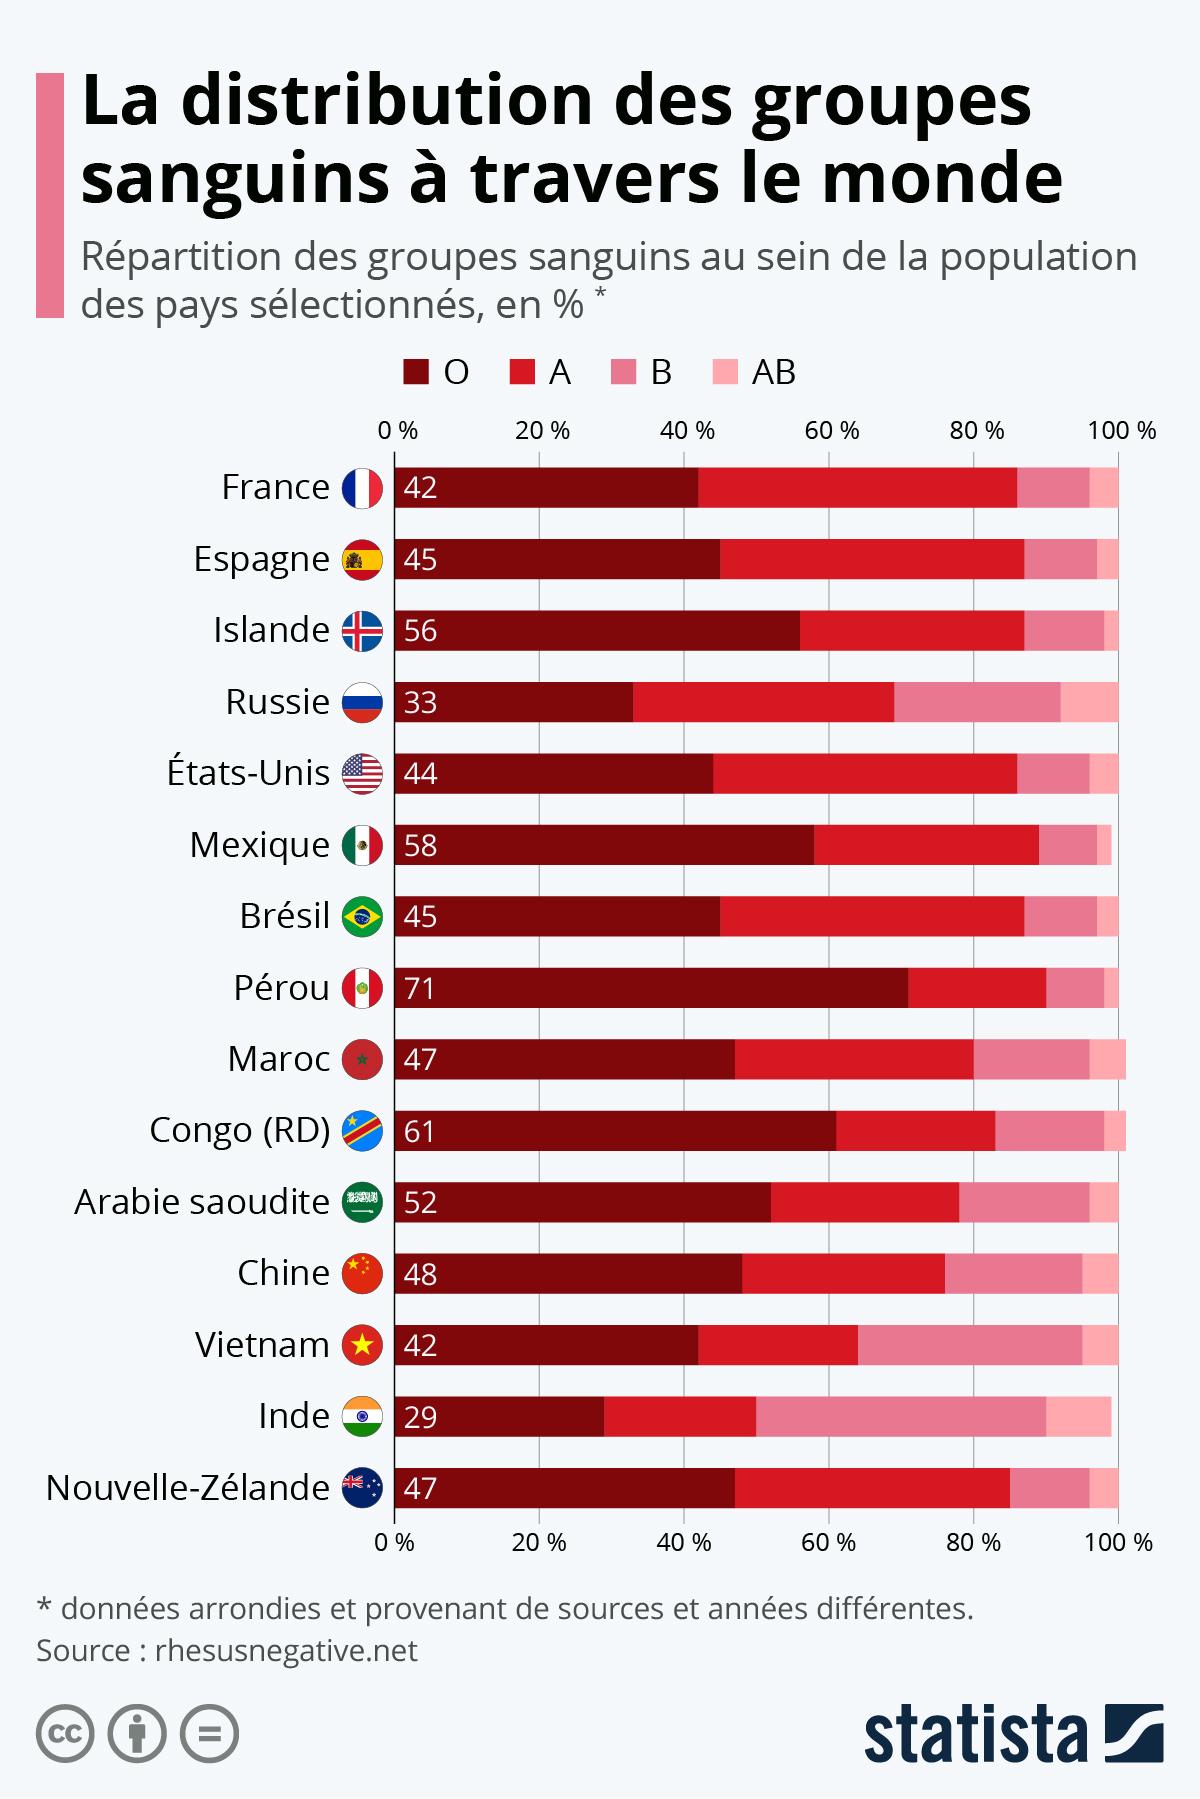 Infographie: Quels groupes sanguins sont les plus répandus ? | Statista